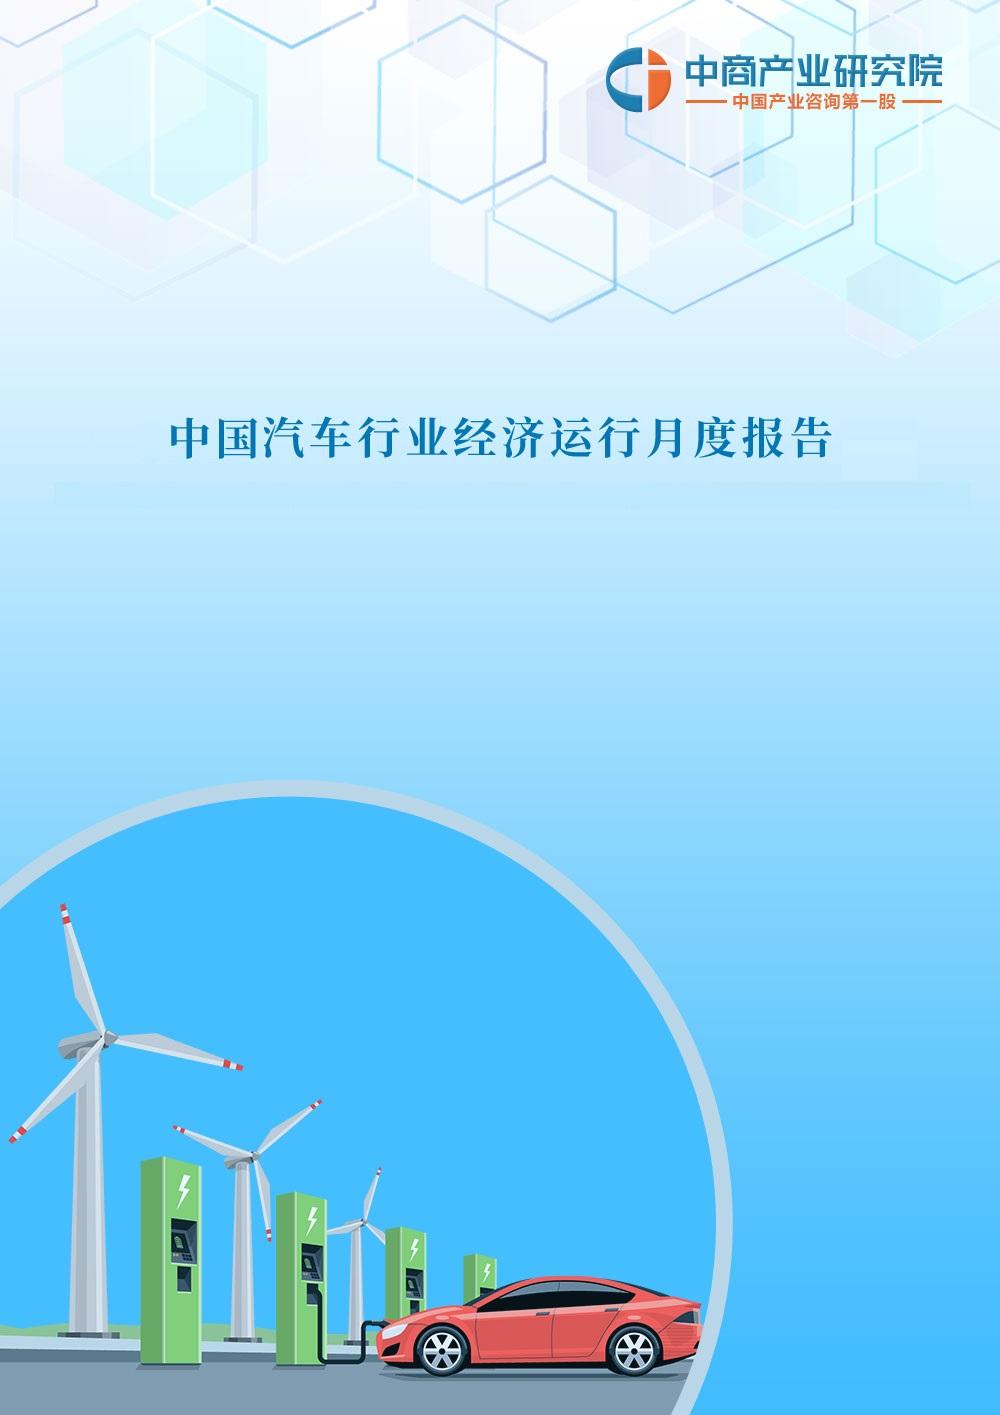 中国汽车行业运行情况月度报告(2021年6月)